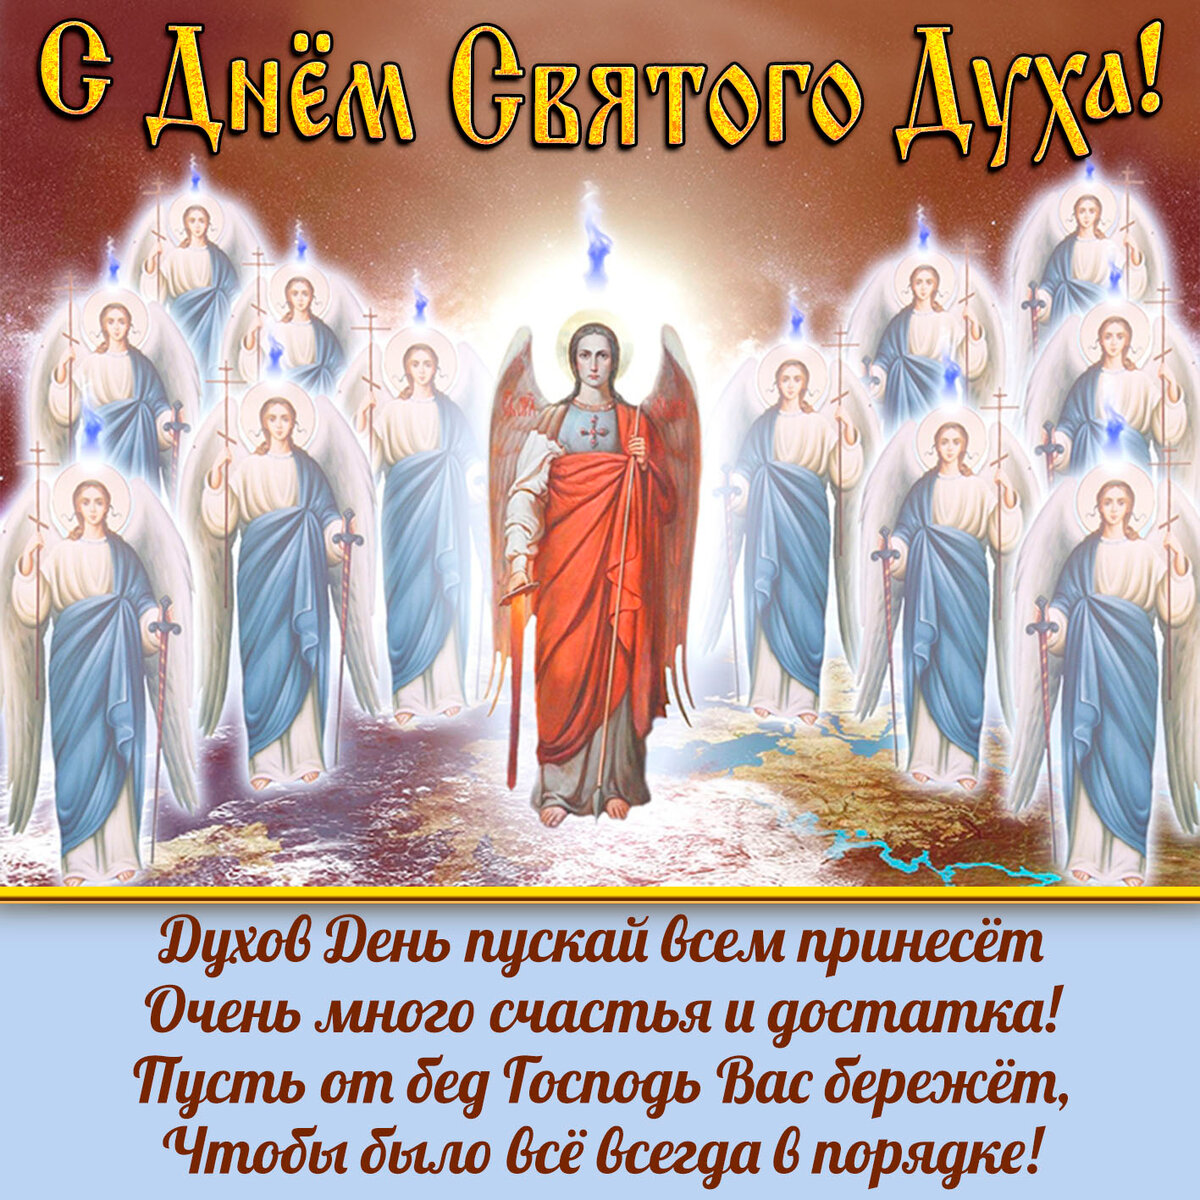 Поздравления с днем святого духа в картинках